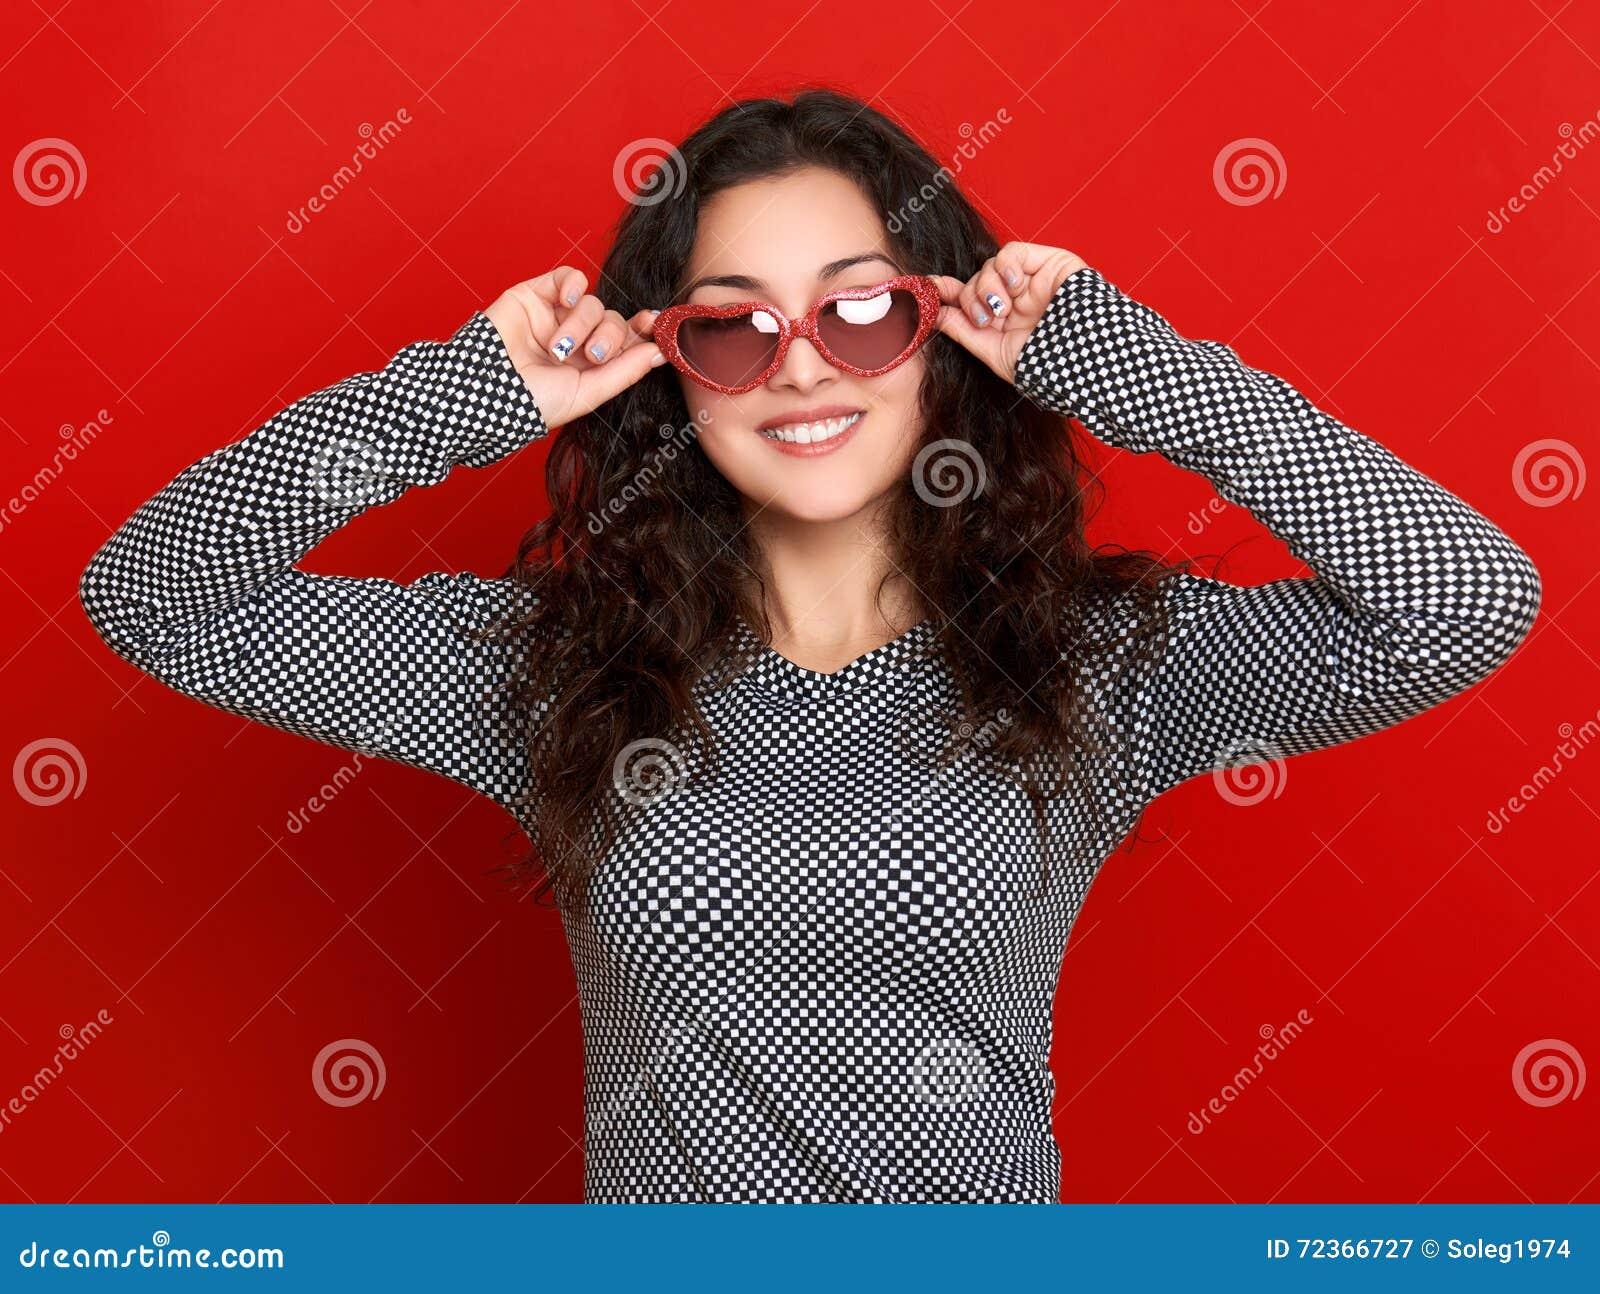 少妇美丽的画象,摆在红色背景,长的卷发,太阳镜在心脏塑造,魅力概念